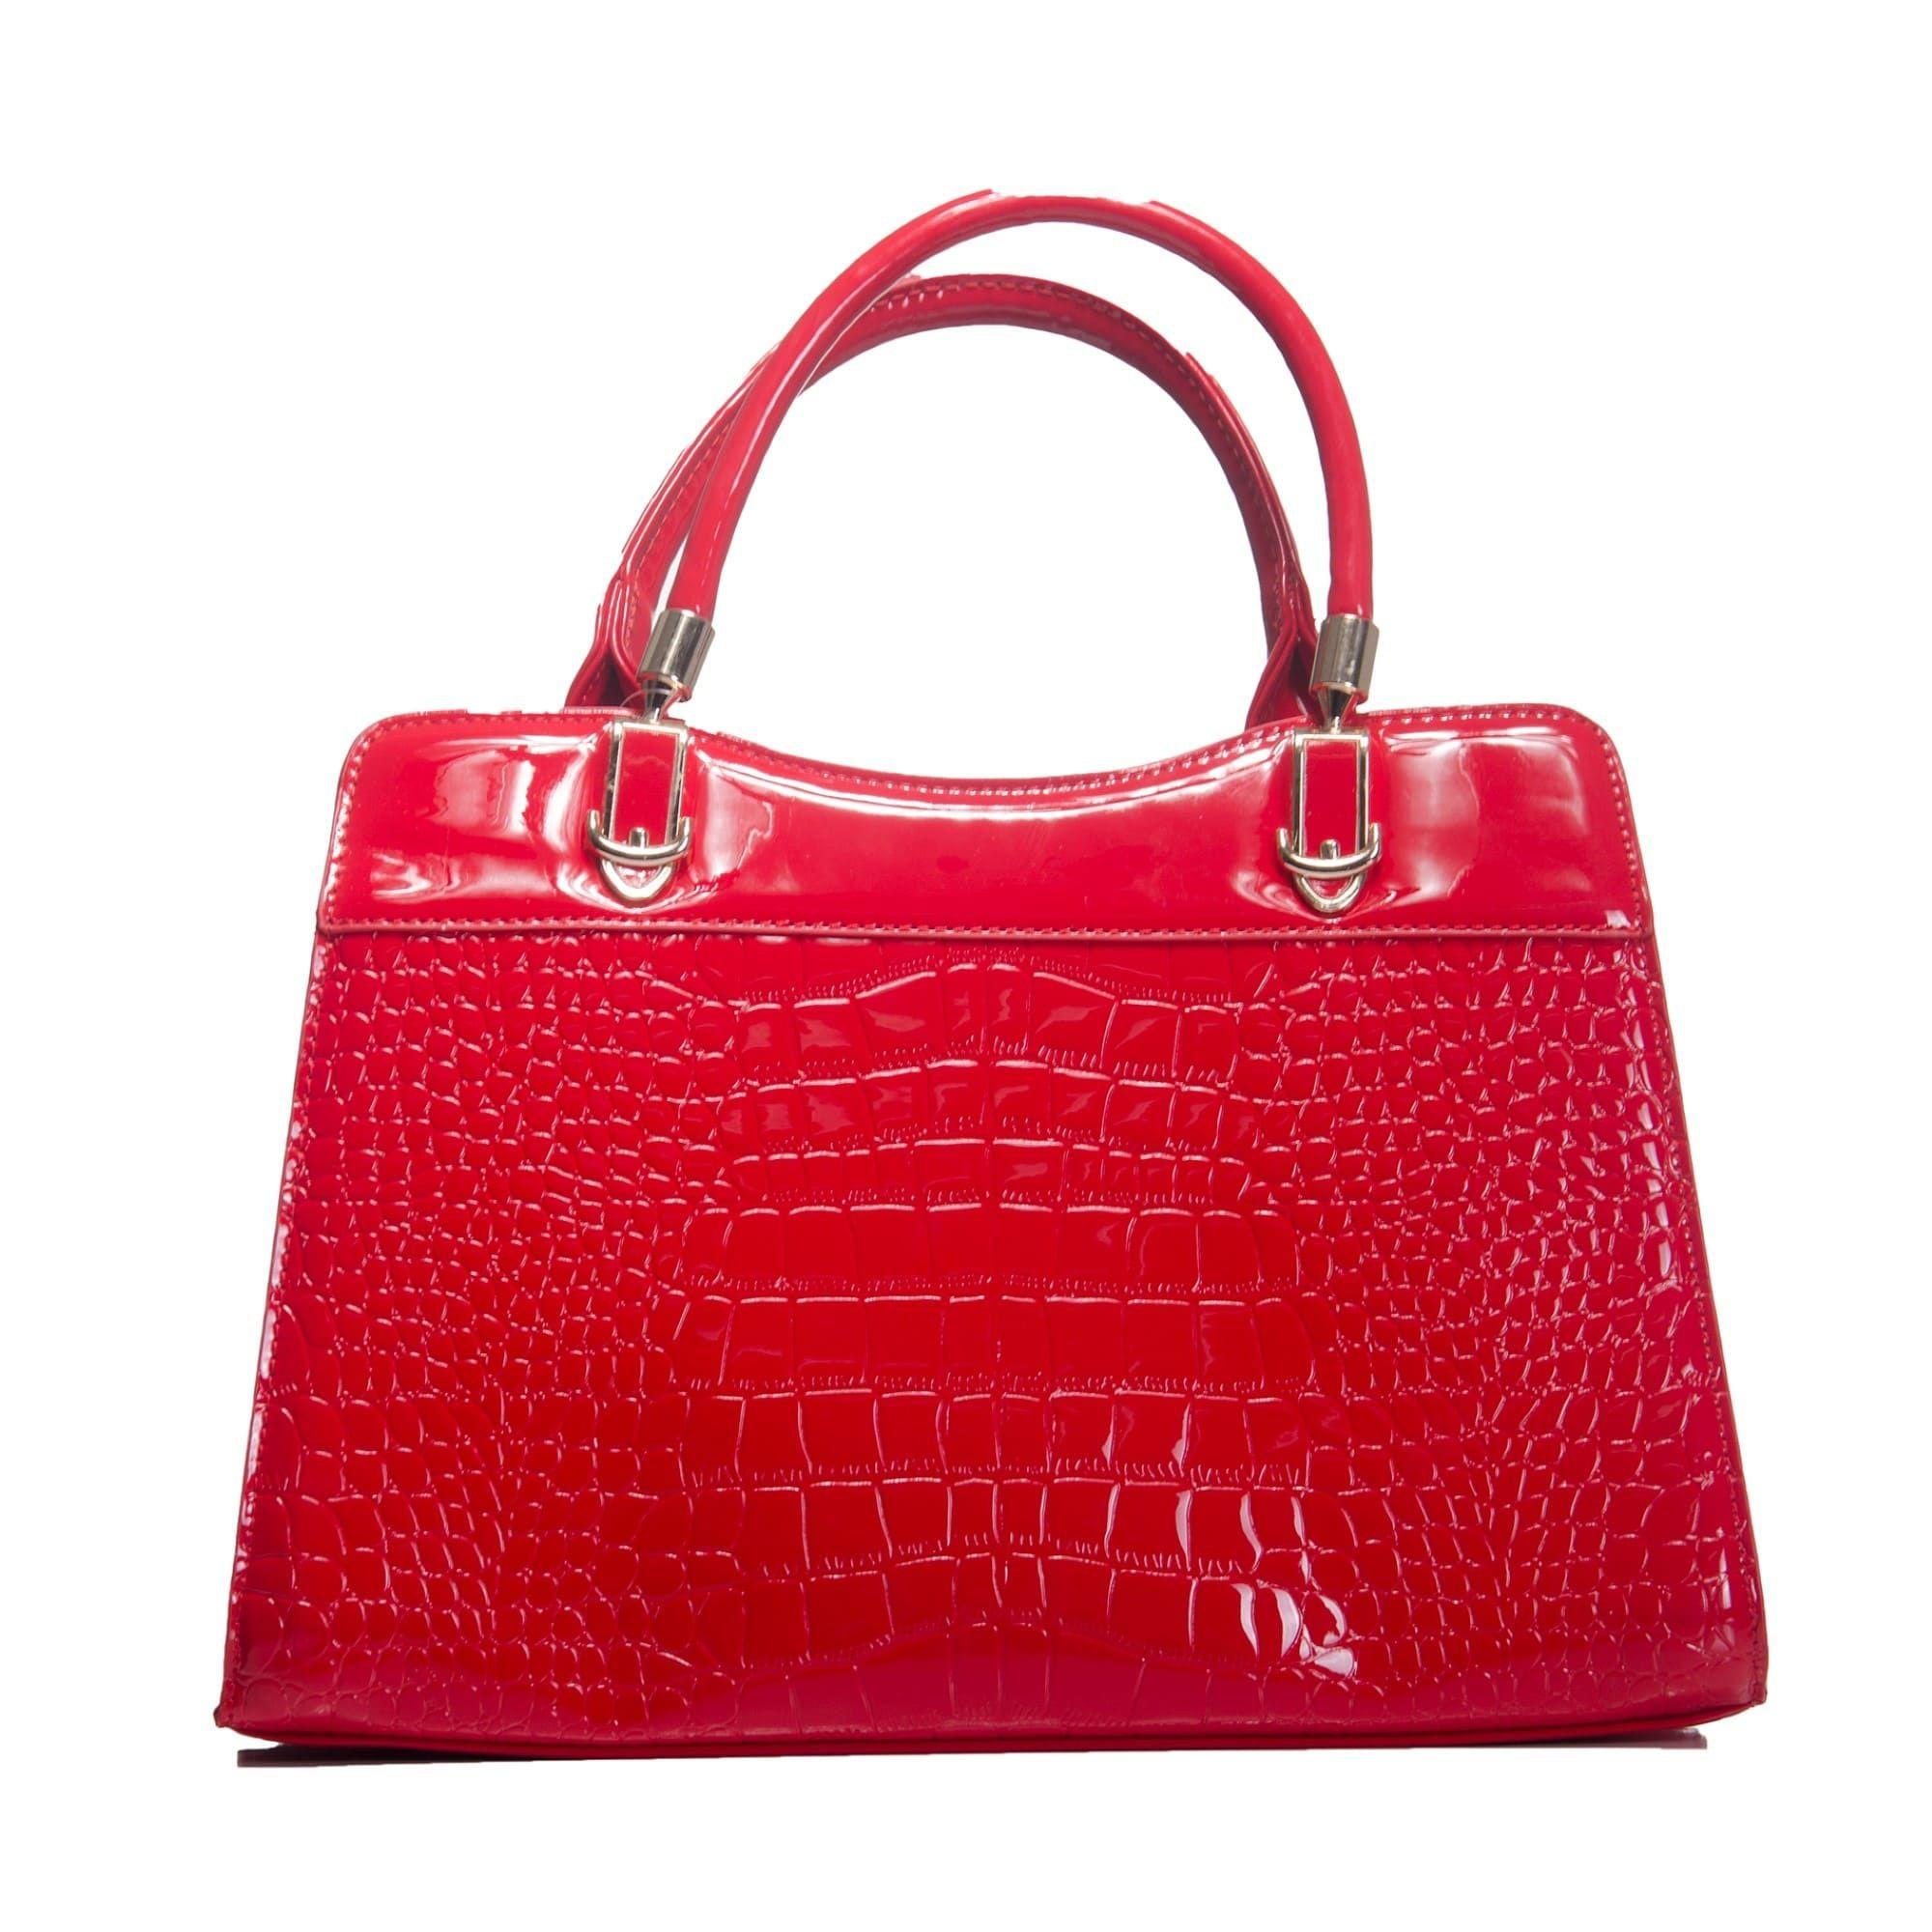 Bolsa de Mão Verniz Vermelha com Alça Removível e Bolsa Carteira Clutch  - Prime Bolsas